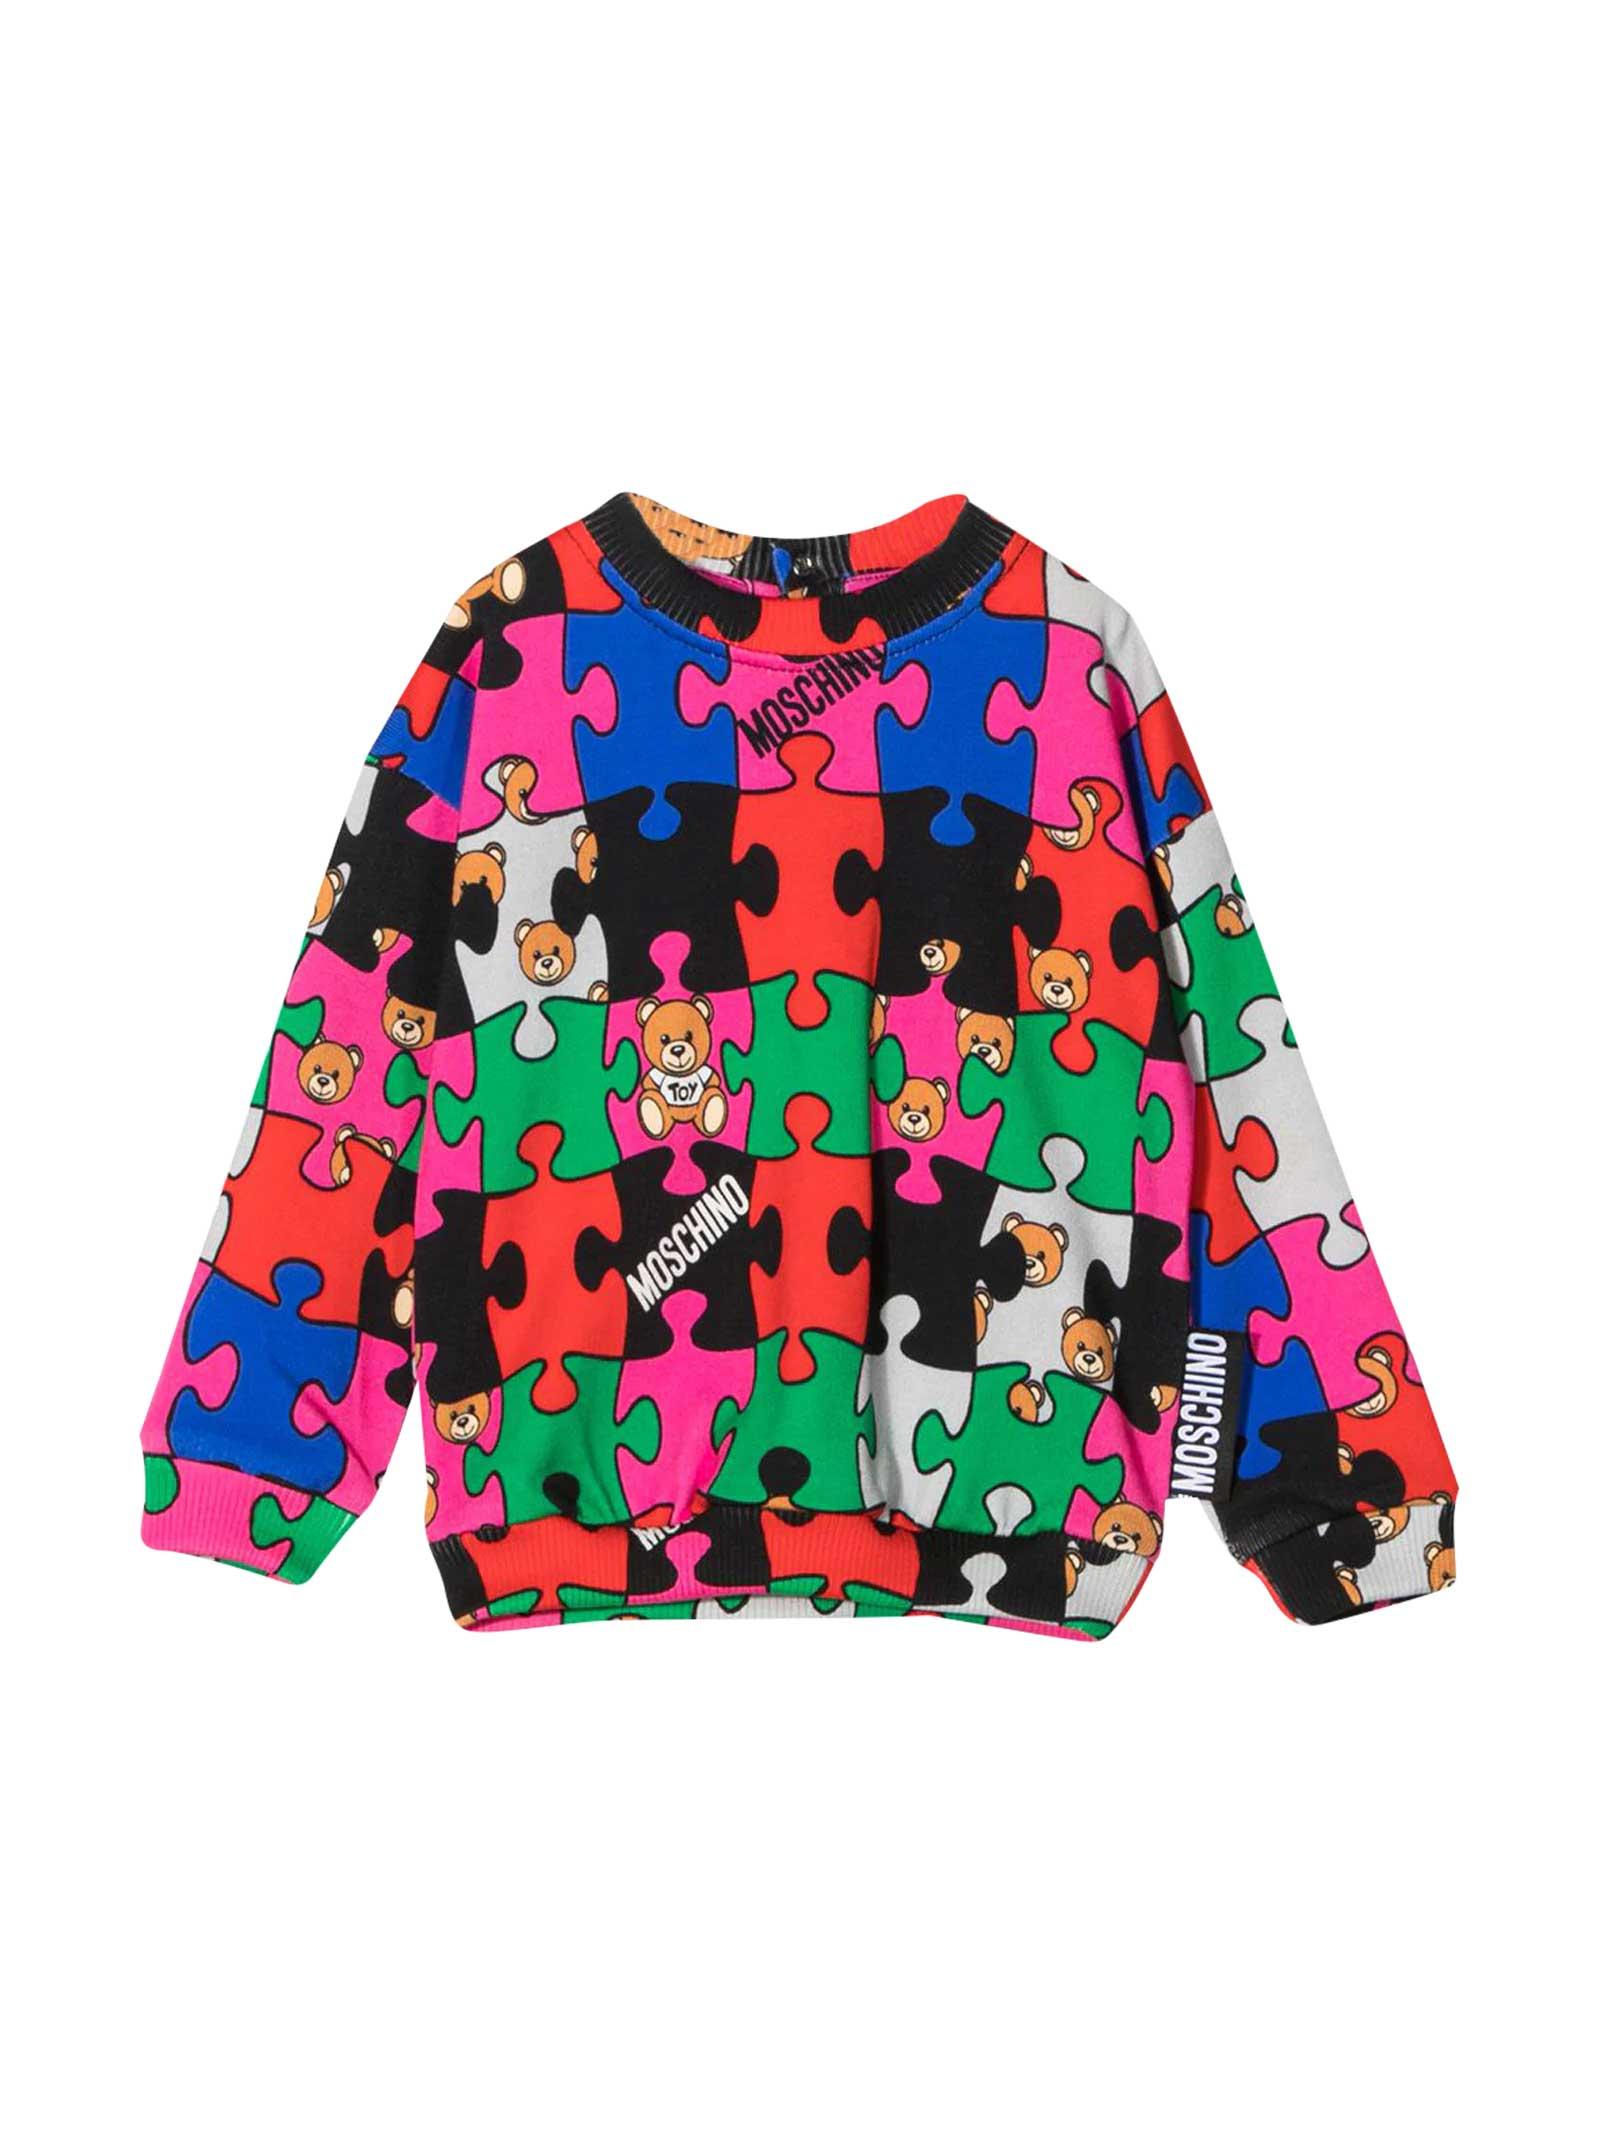 Multicolor press sweatshirt 100% cotton